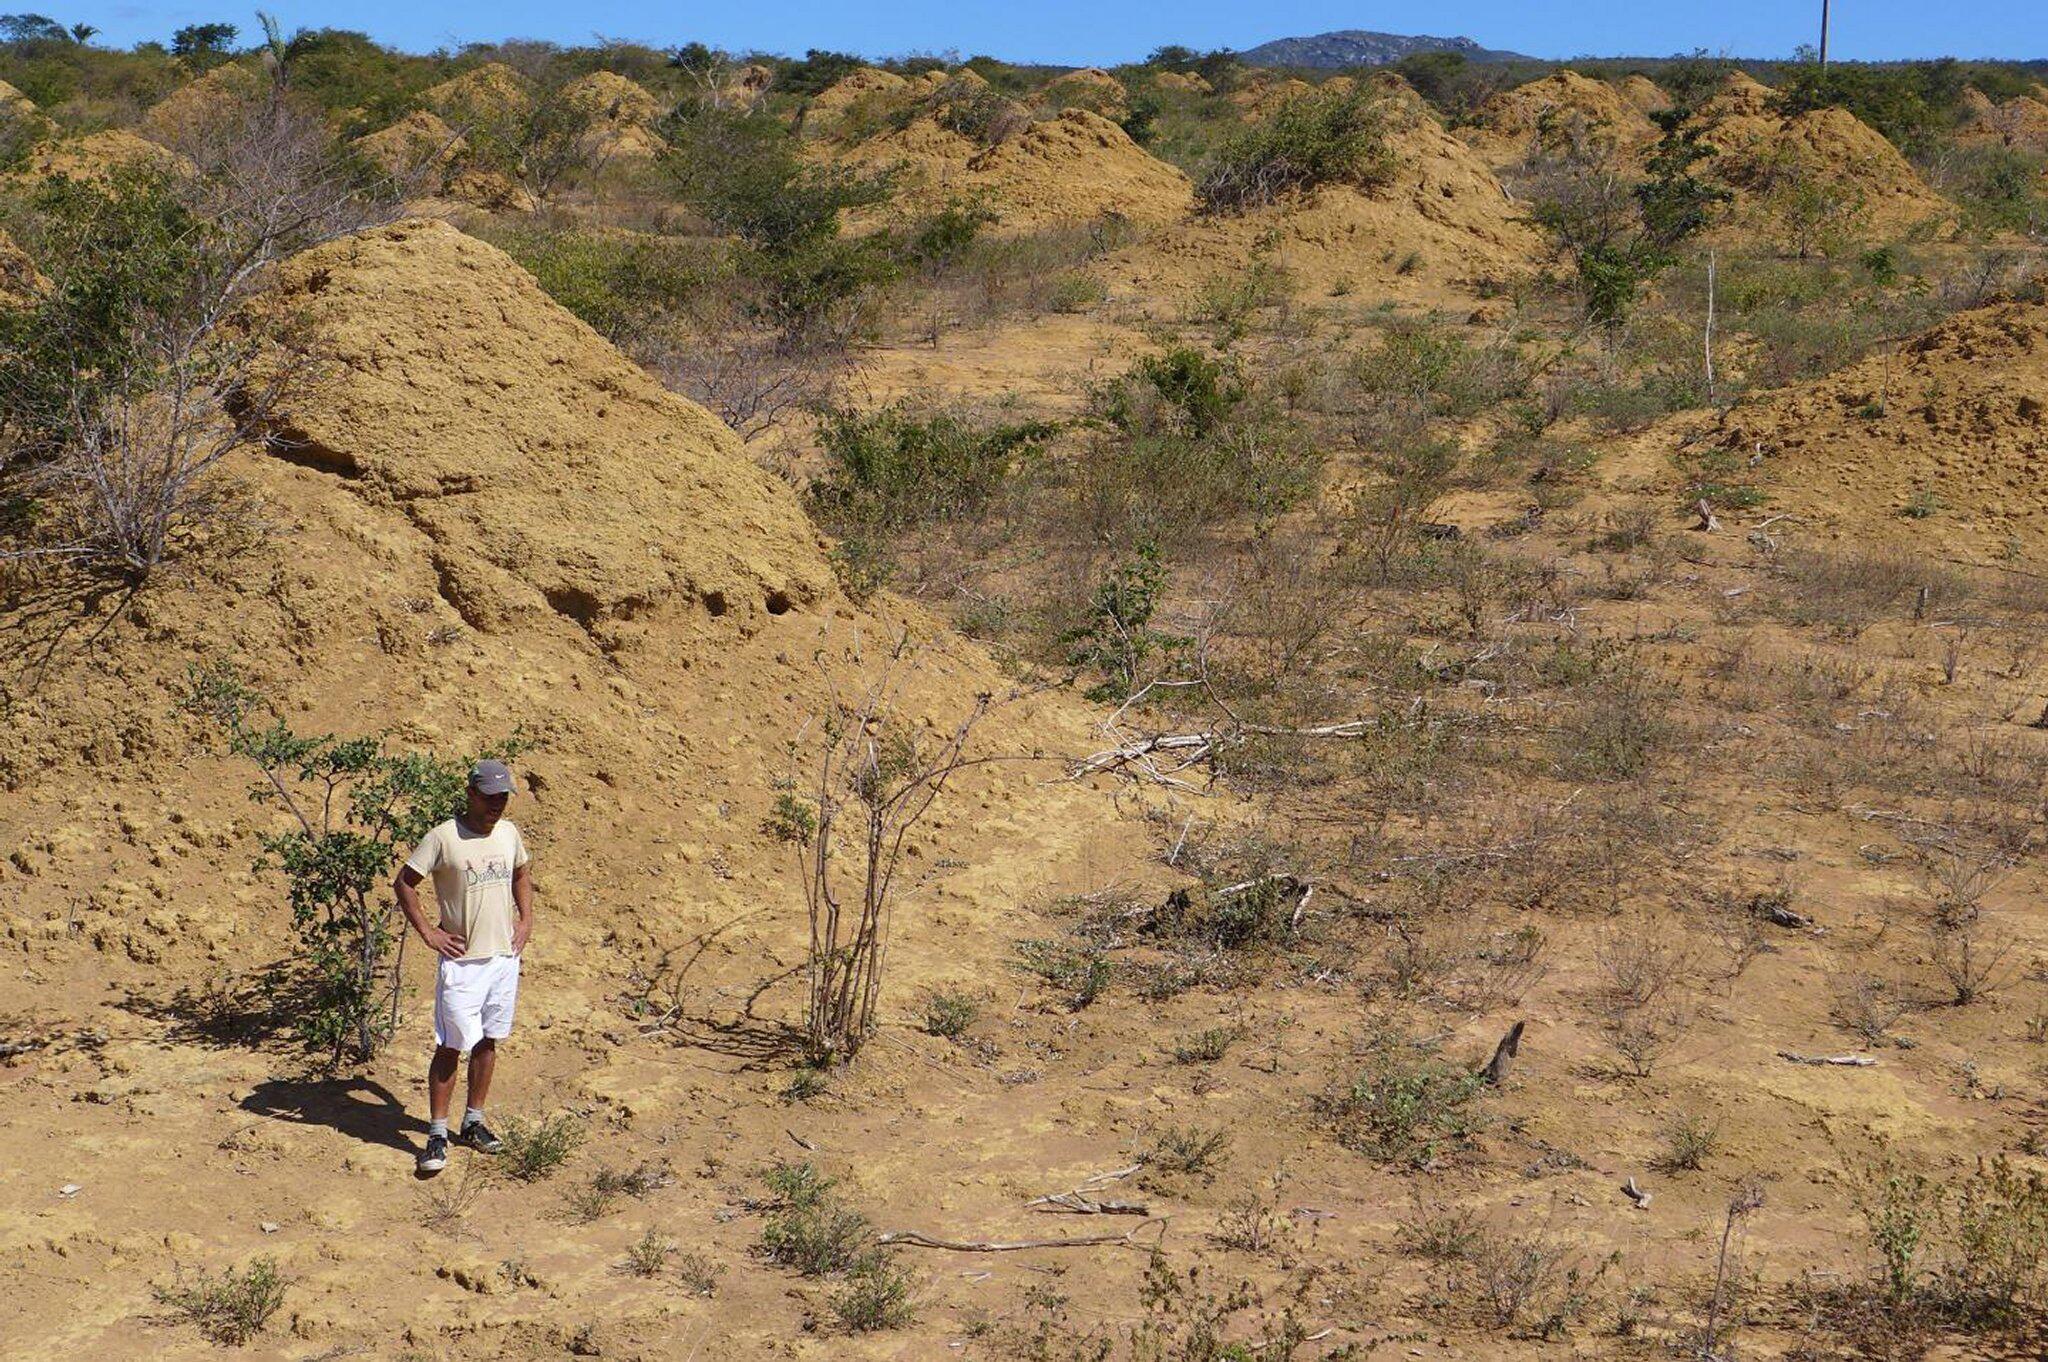 Bild zu Termitenhügel überdauern Jahrtausende